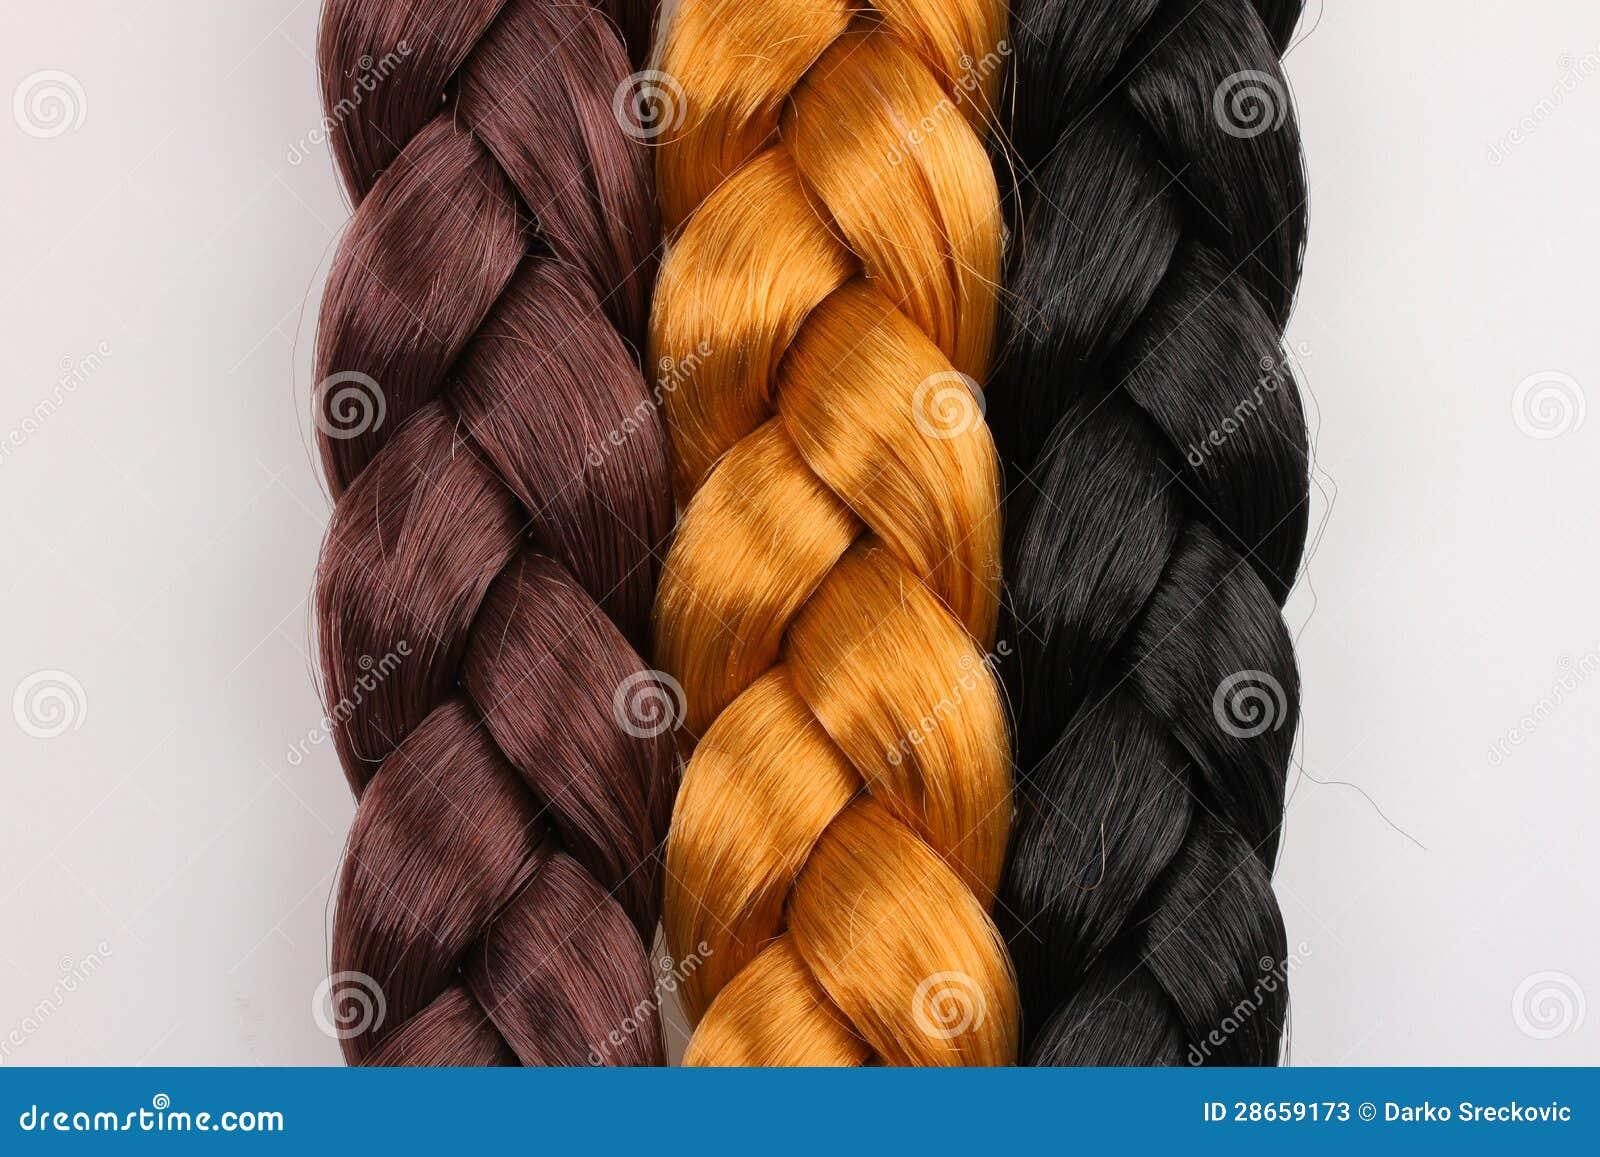 Black Brown and Blonde Hair